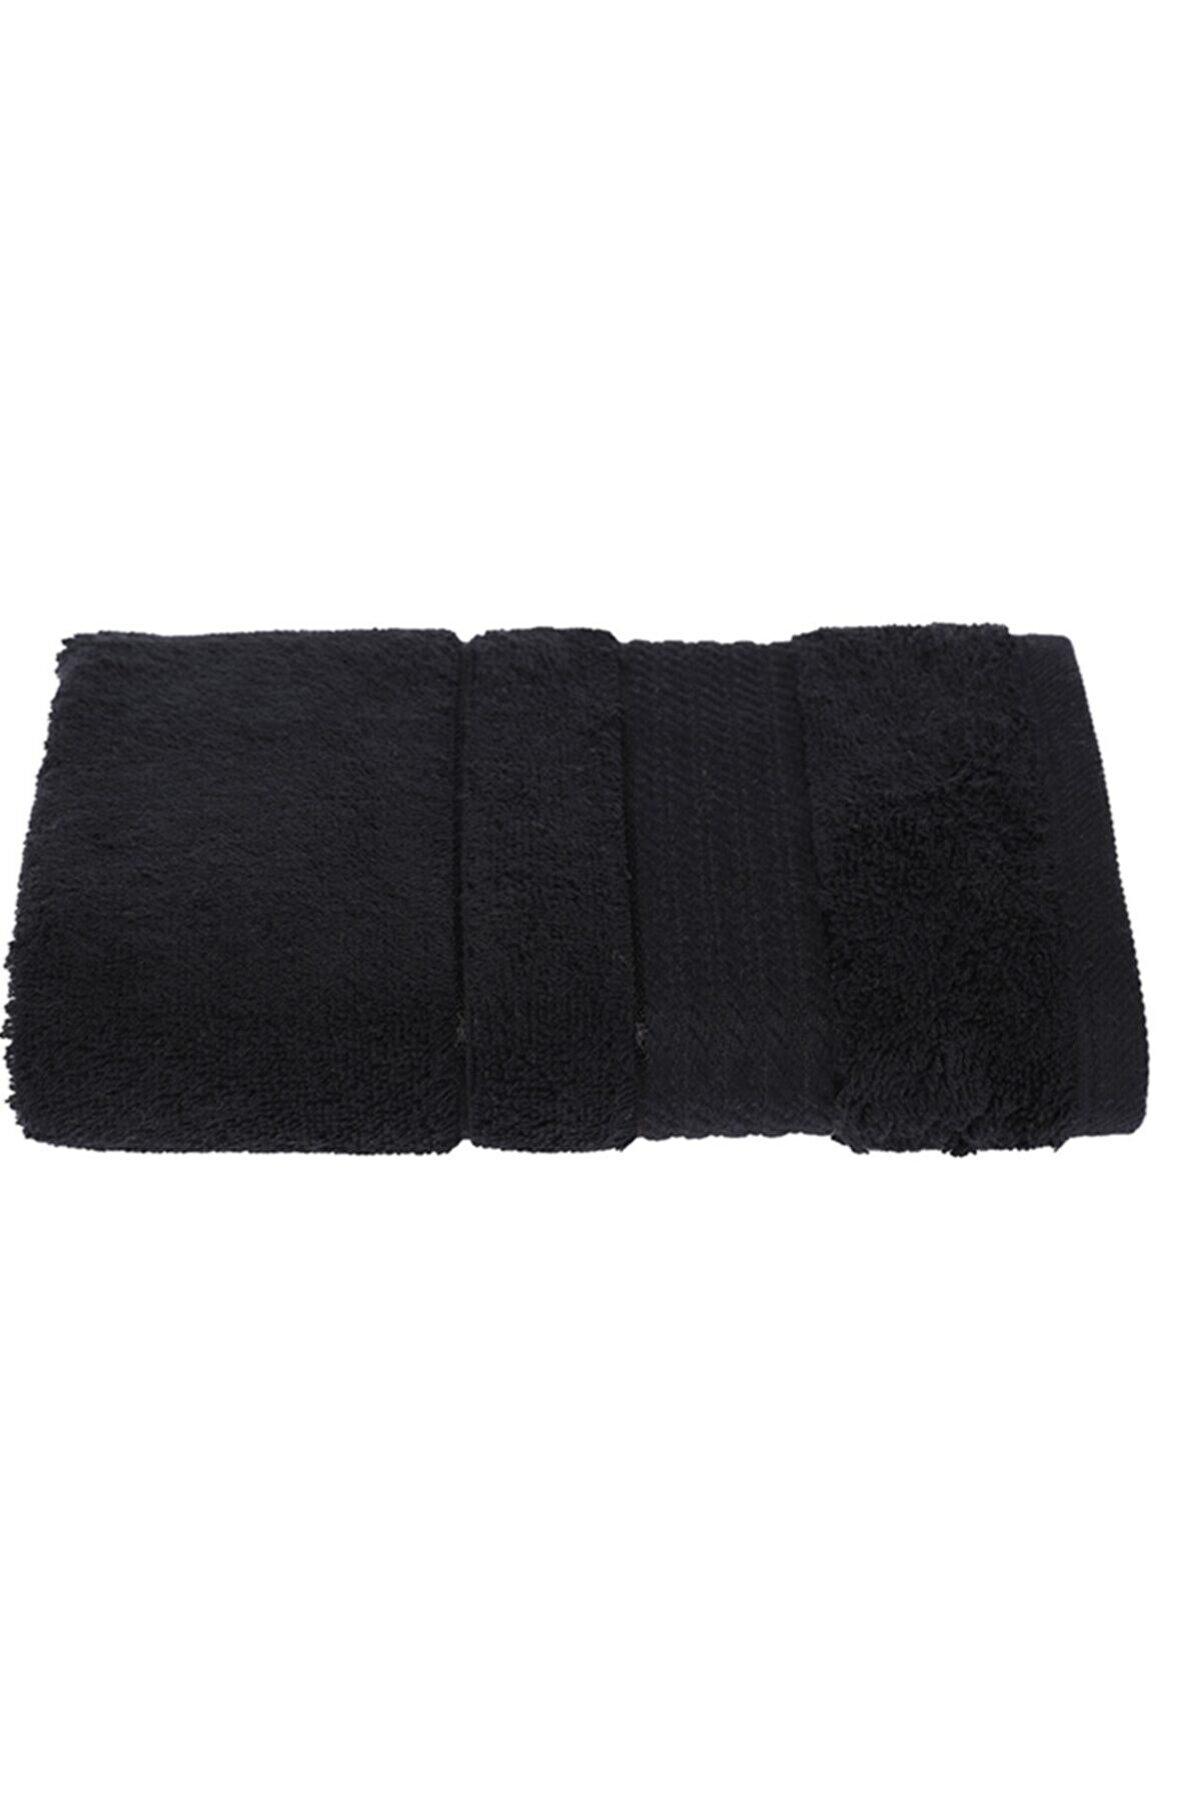 Özdilek Siyah Soft Pamuk El-yüz Havlusu